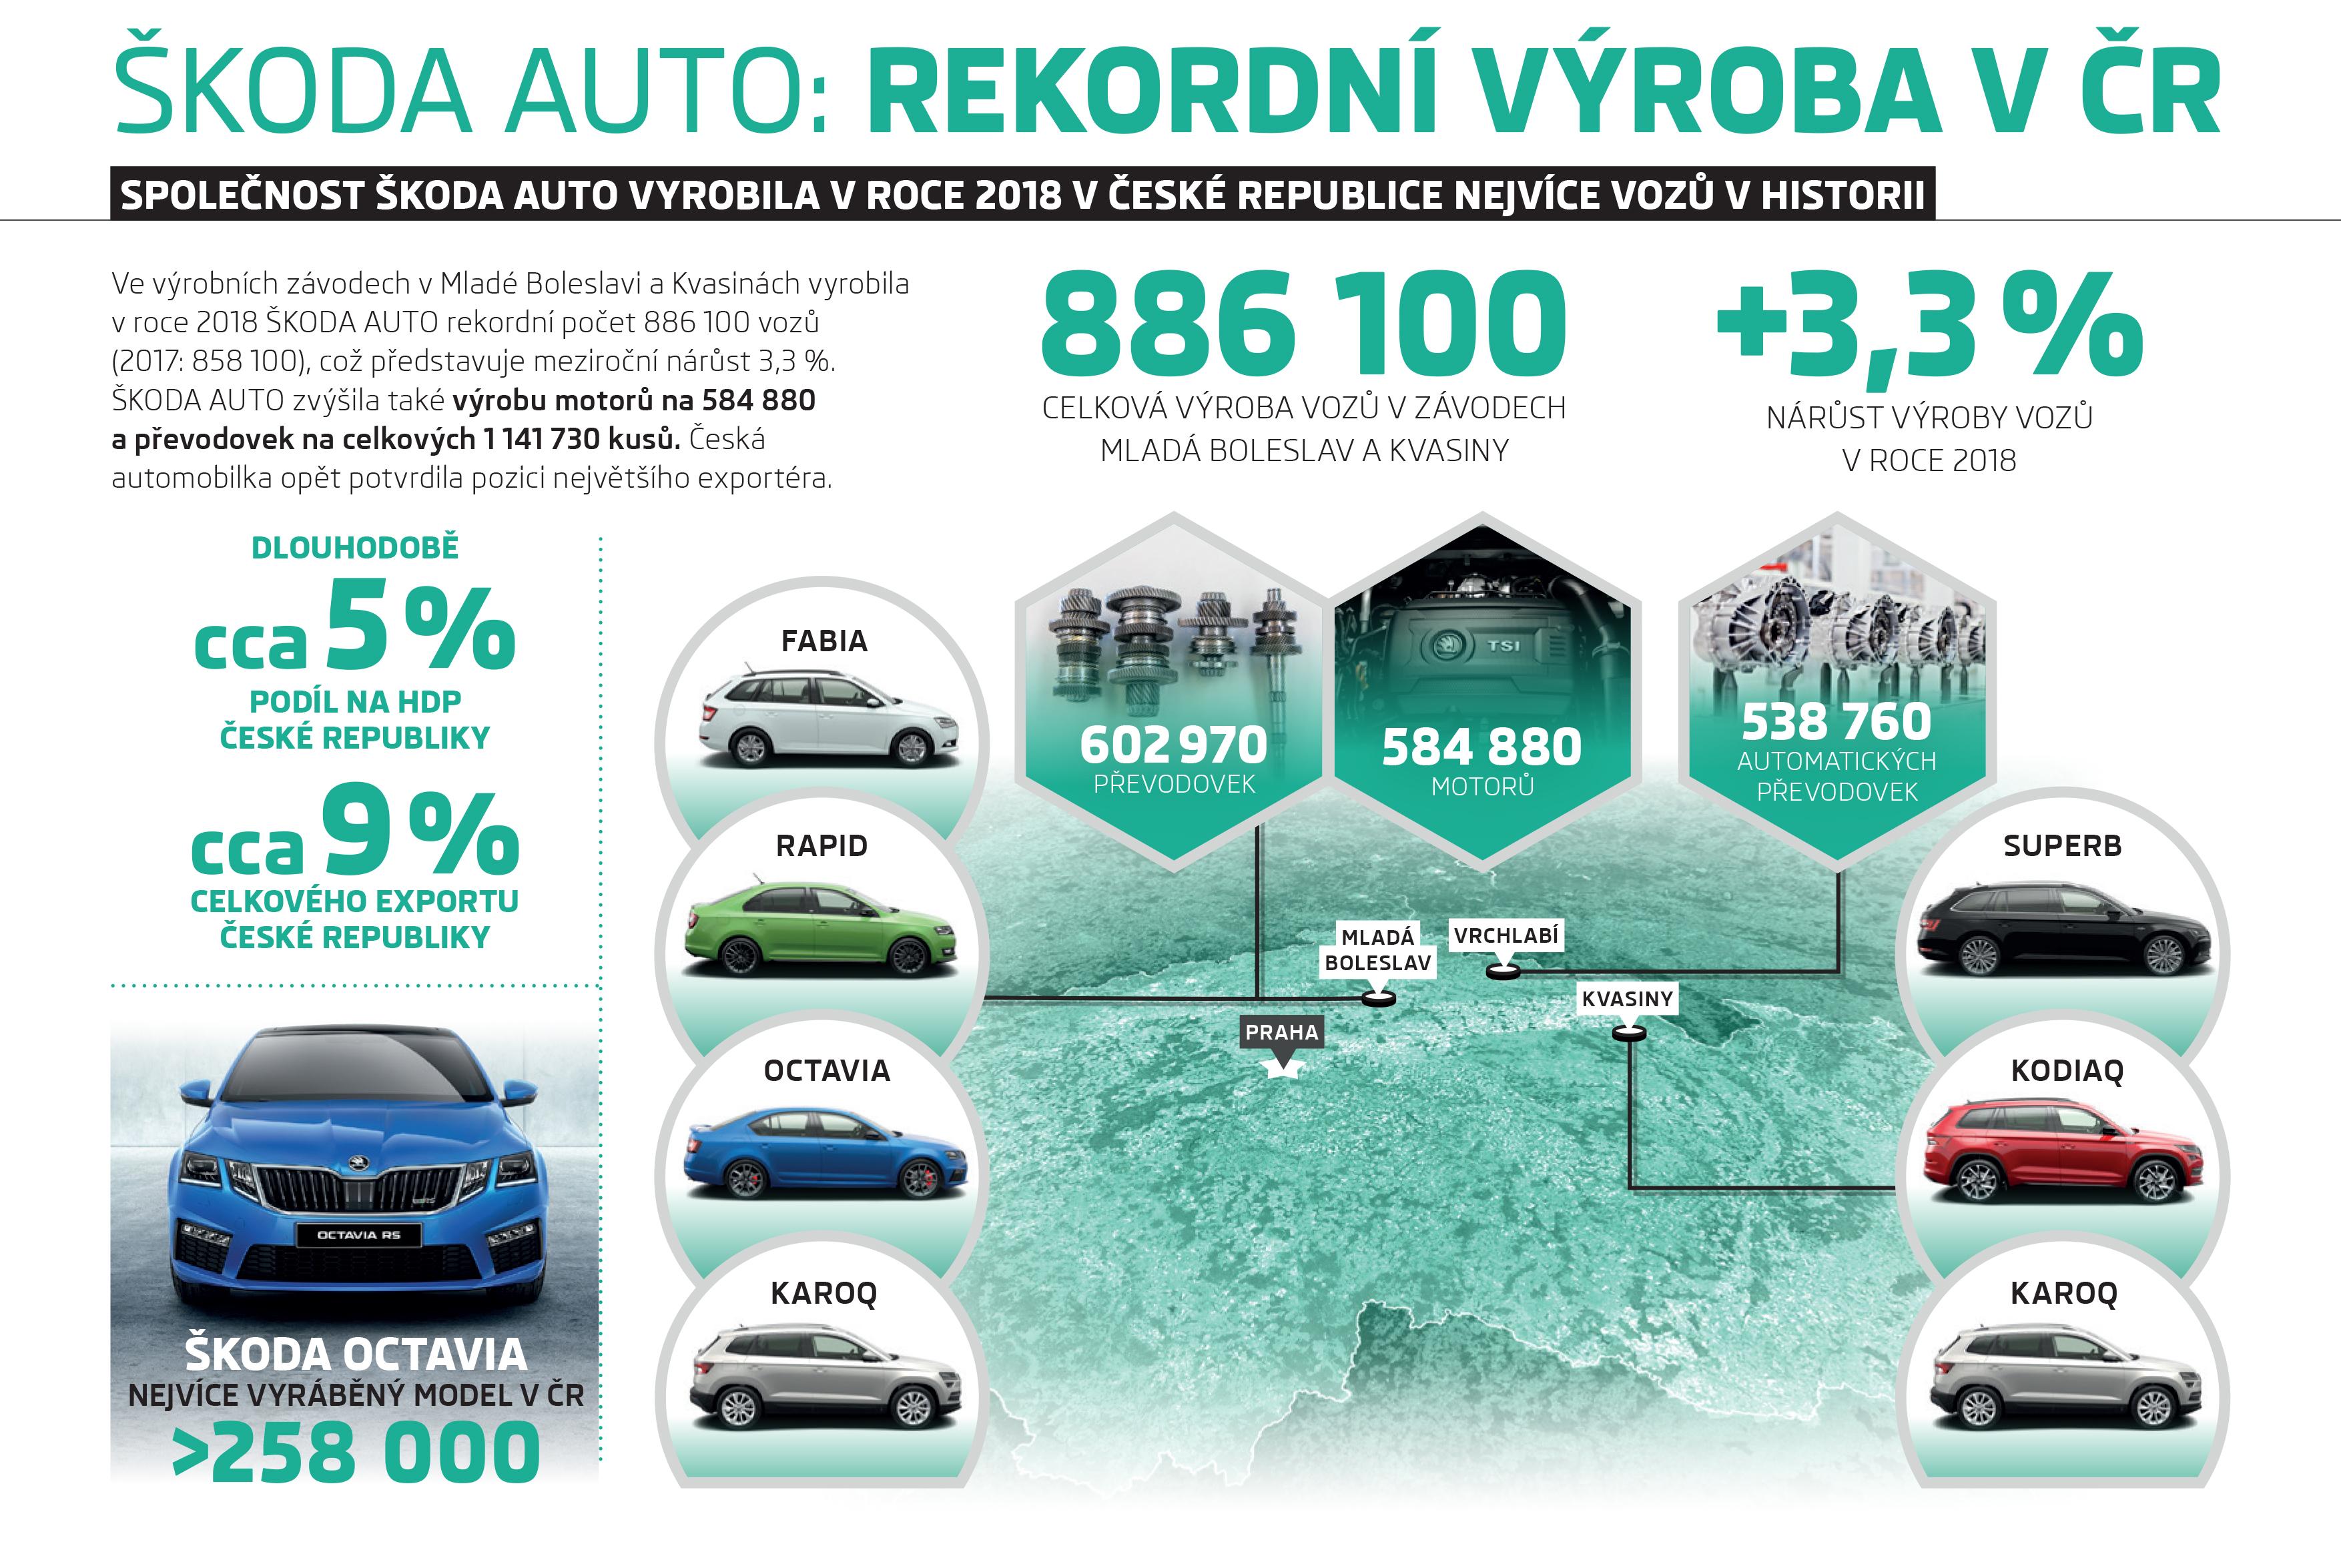 skoda_vysledky_infograph_210x148_cz_07